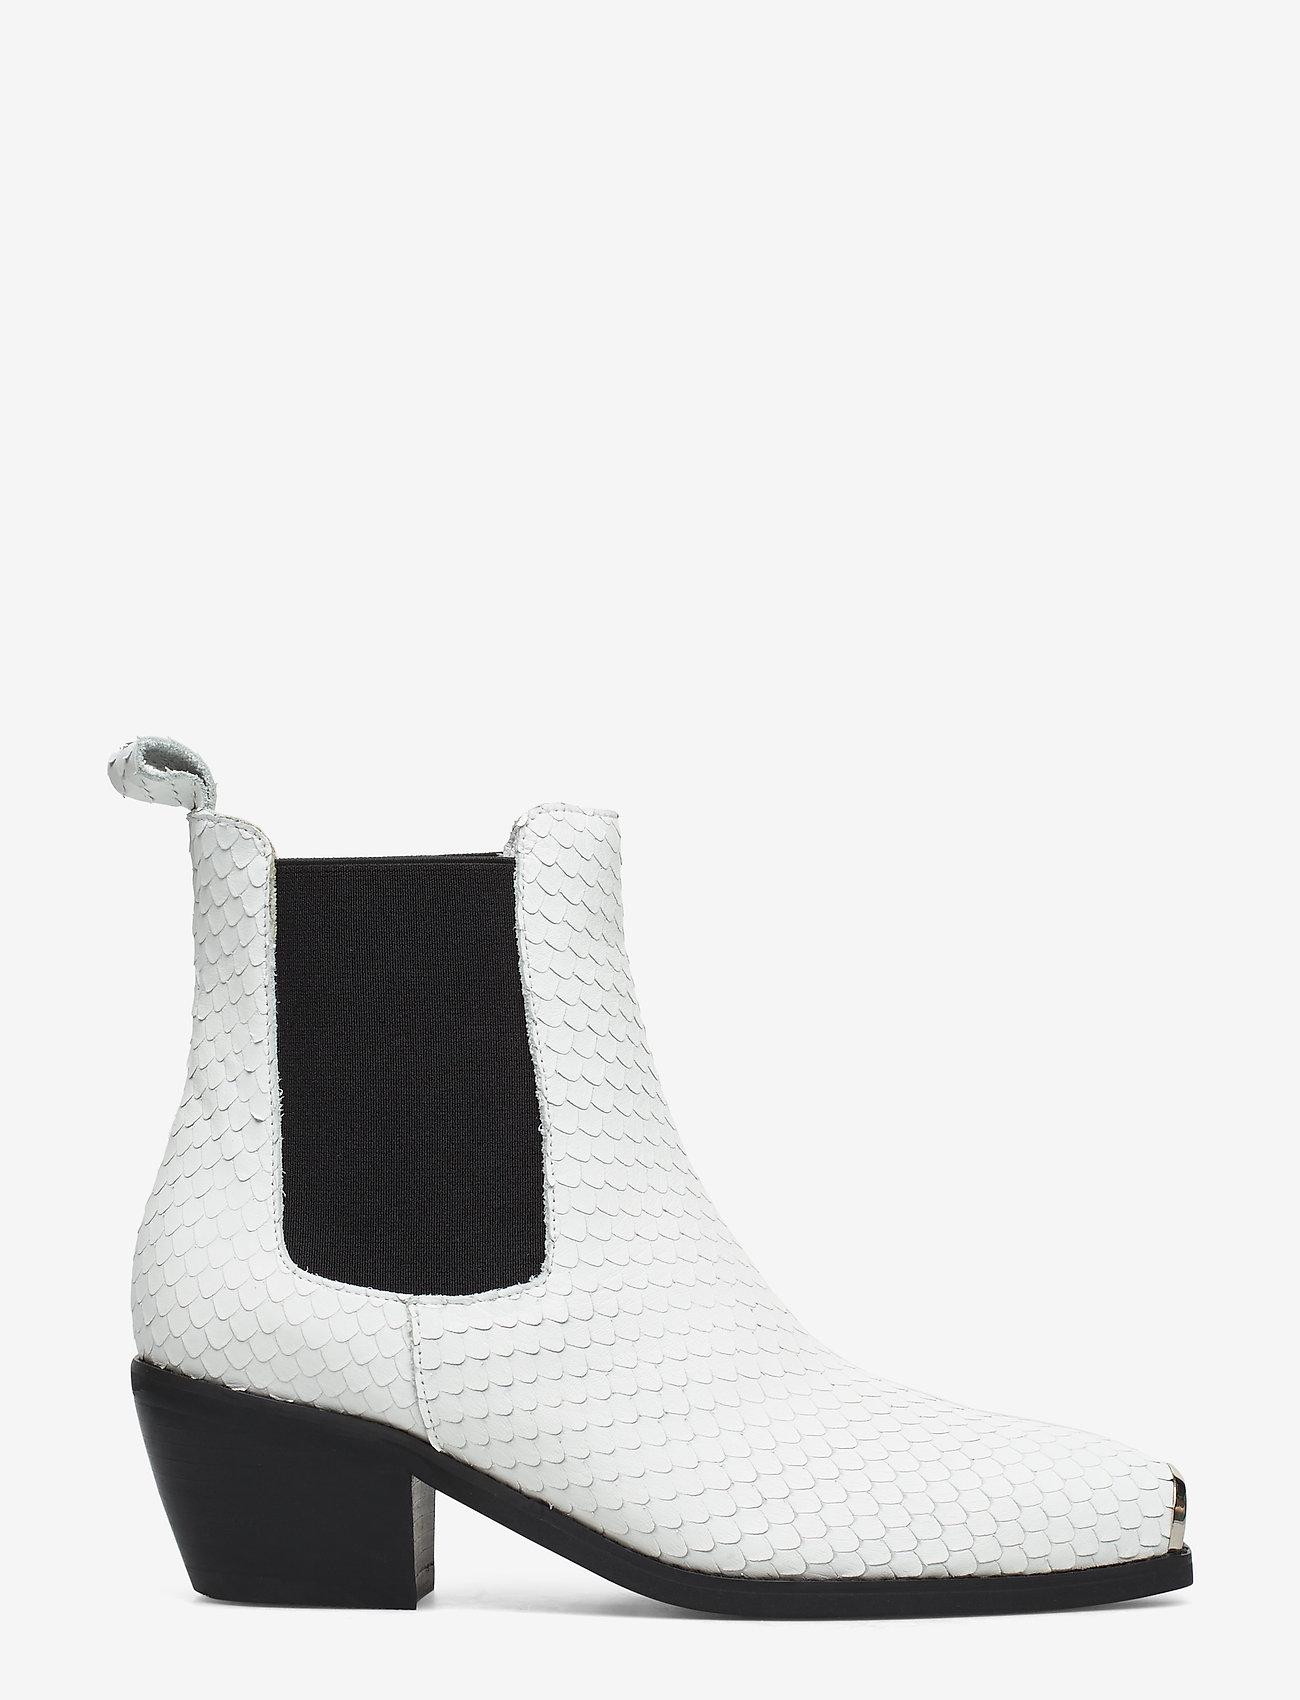 Boot (White) - Sofie Schnoor dSQwGK